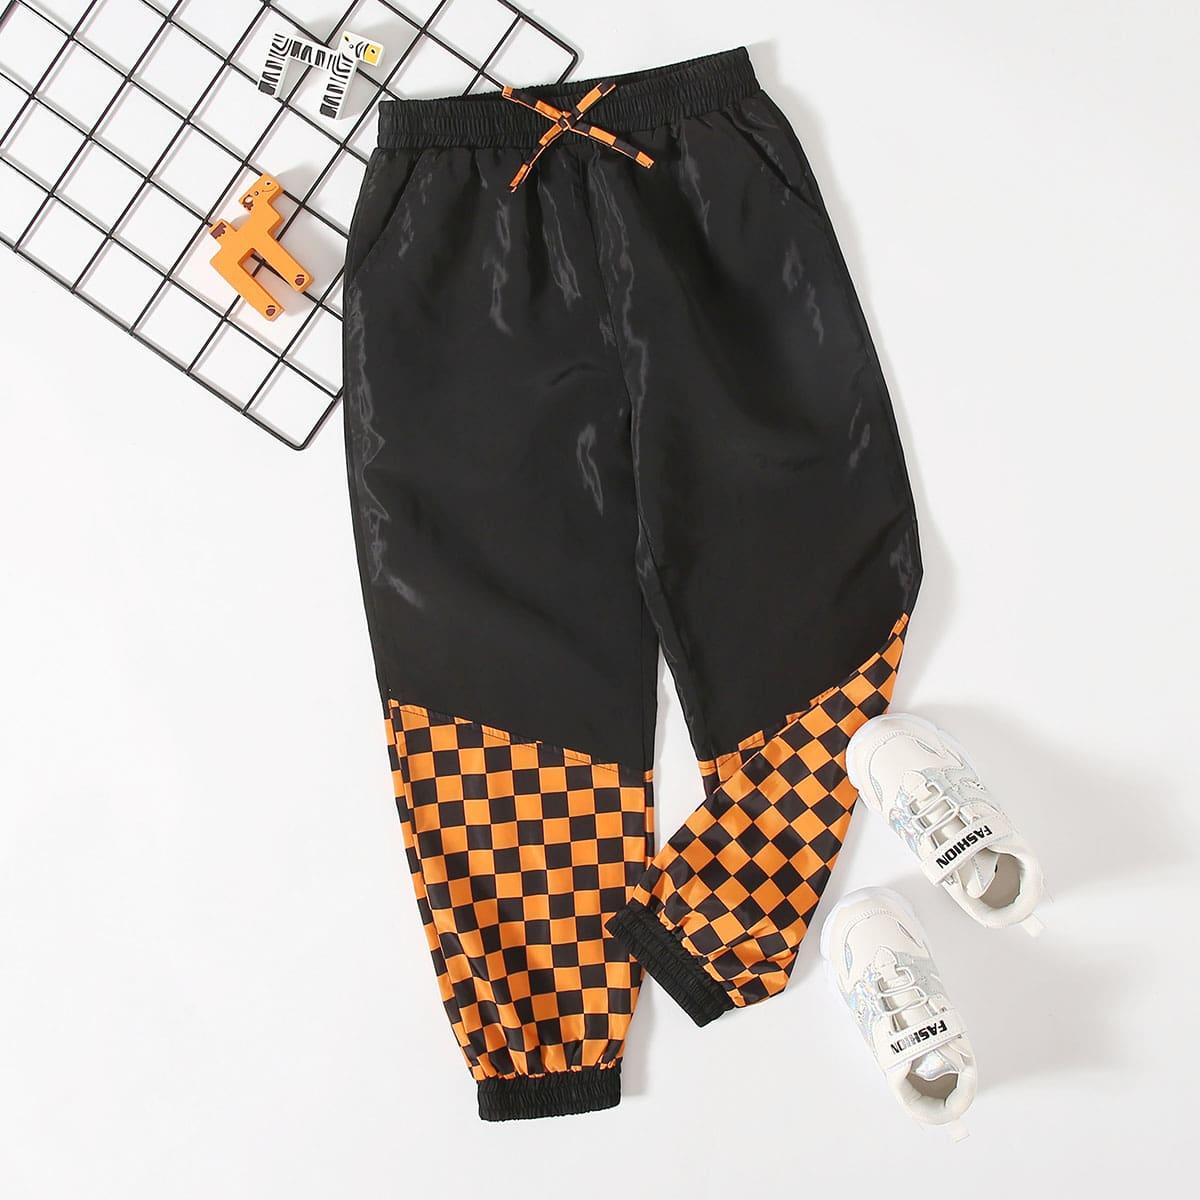 SHEIN / Winddichte Jogginghose mit Schleife vorn und Karo Muster Einsatz